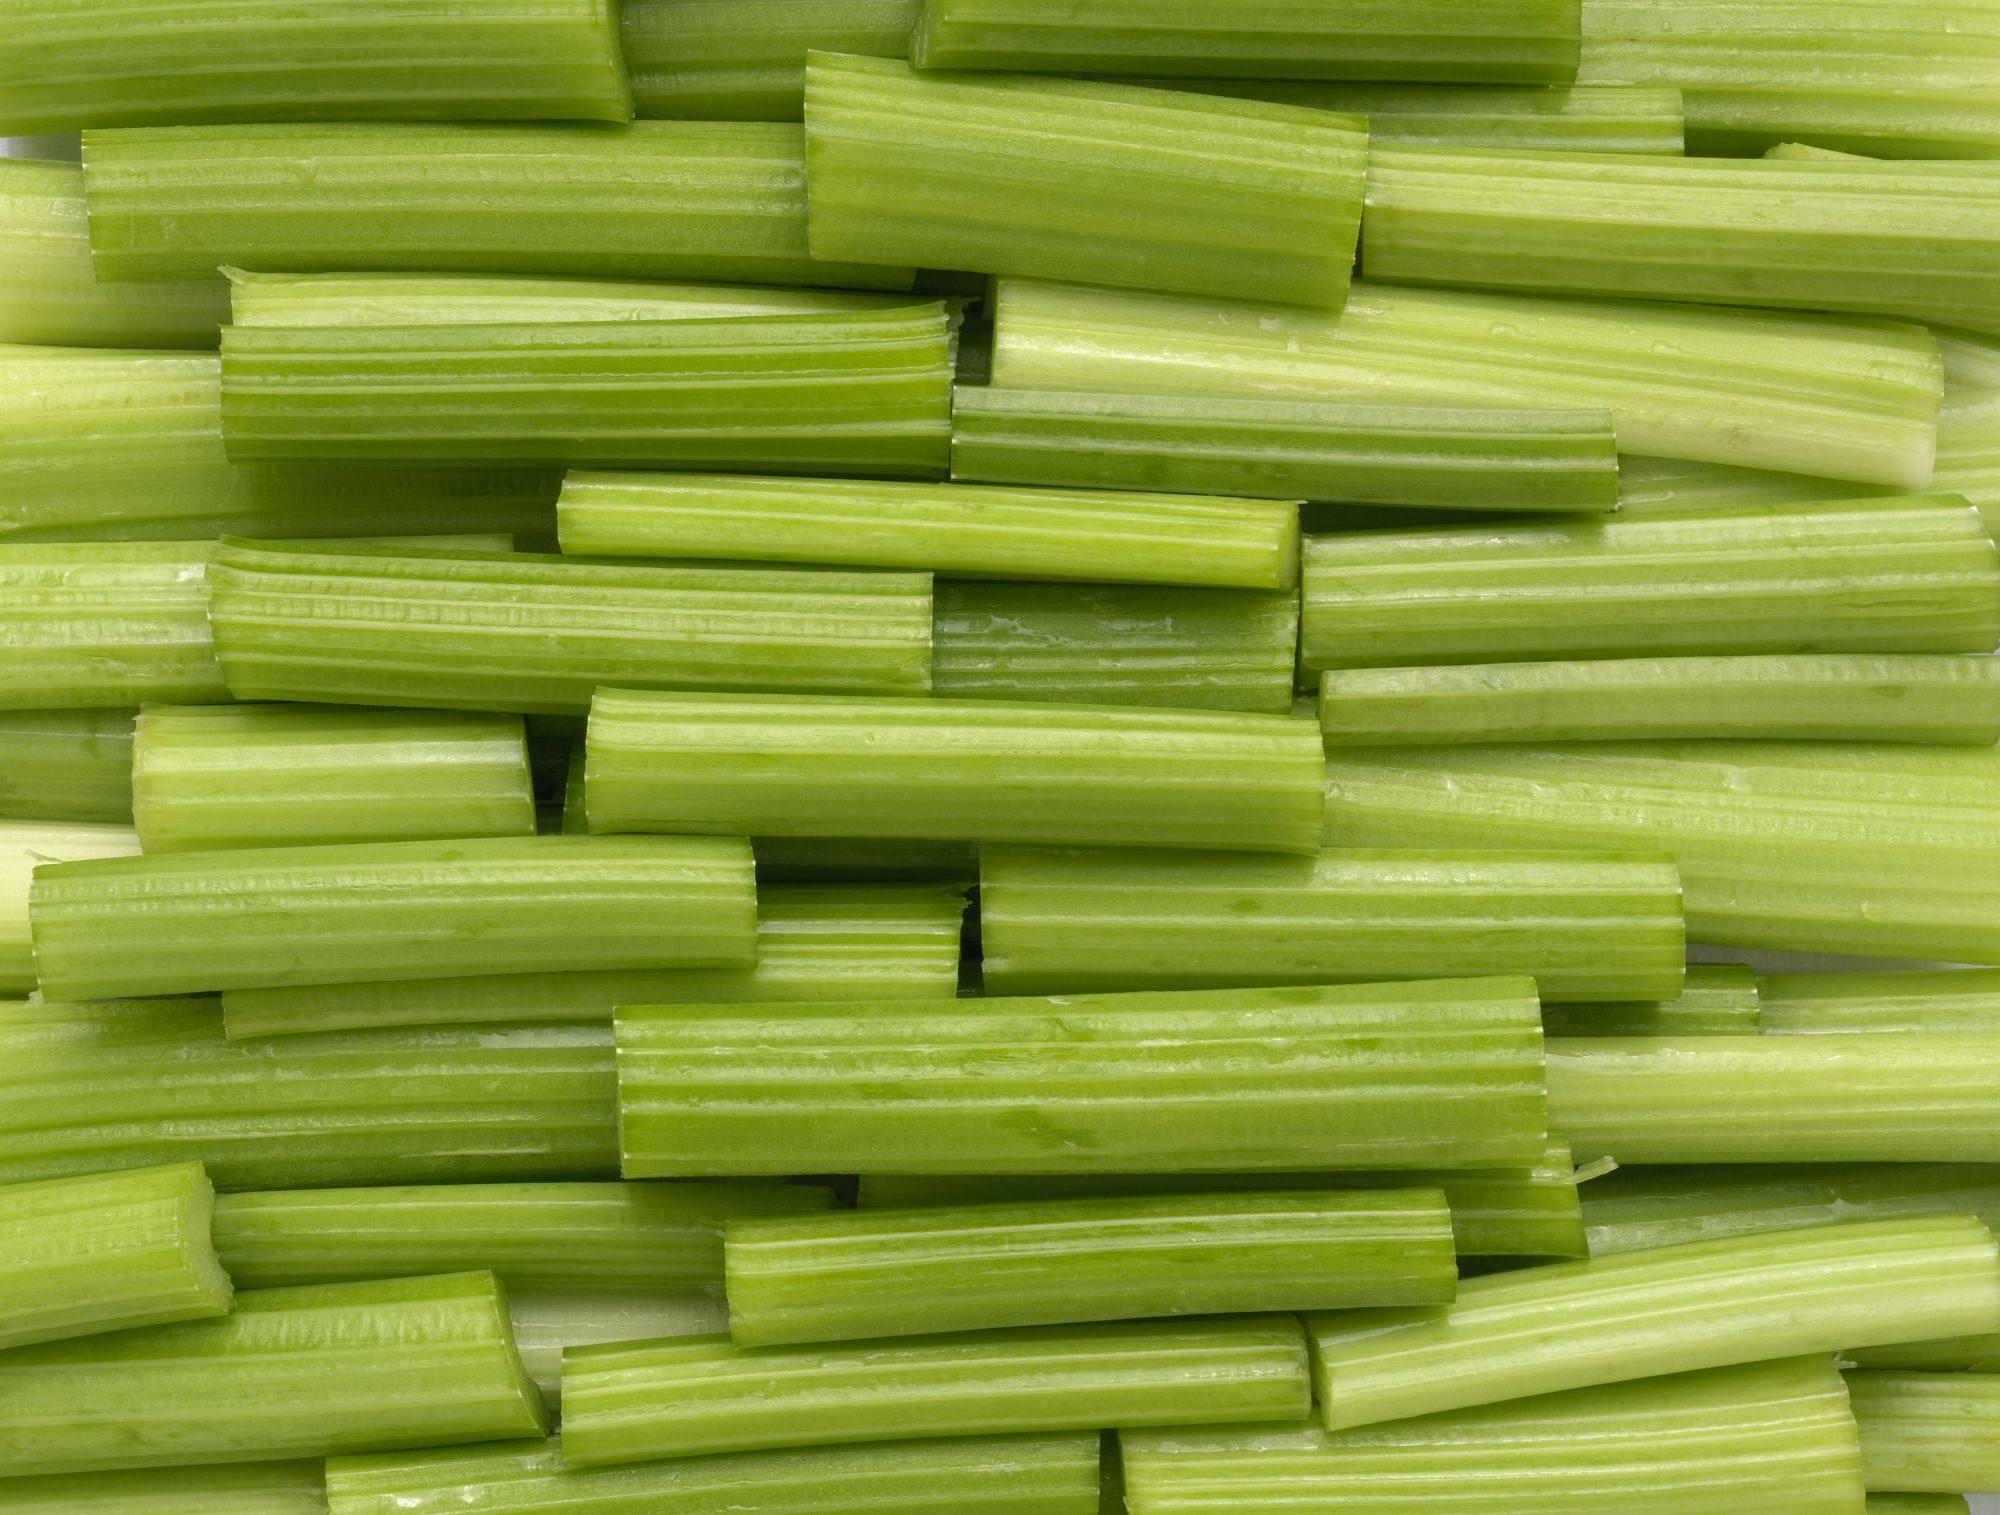 Celery Getty 2/7/20